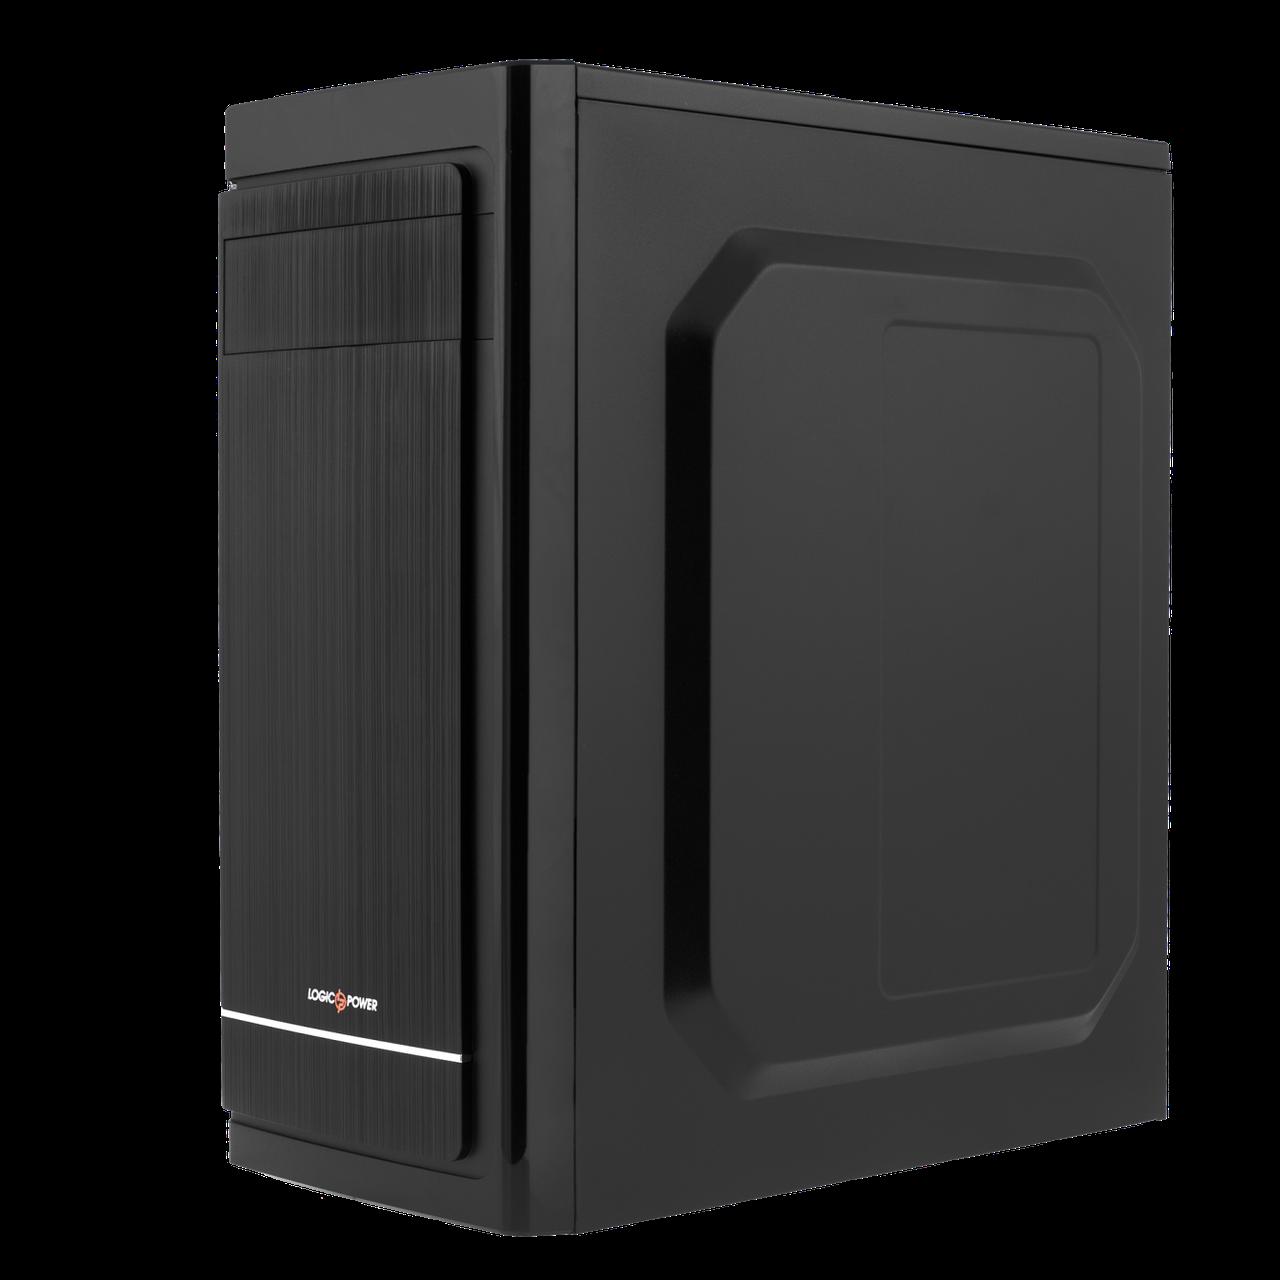 Корпус LP 2006-450W 8см black case chassis cover